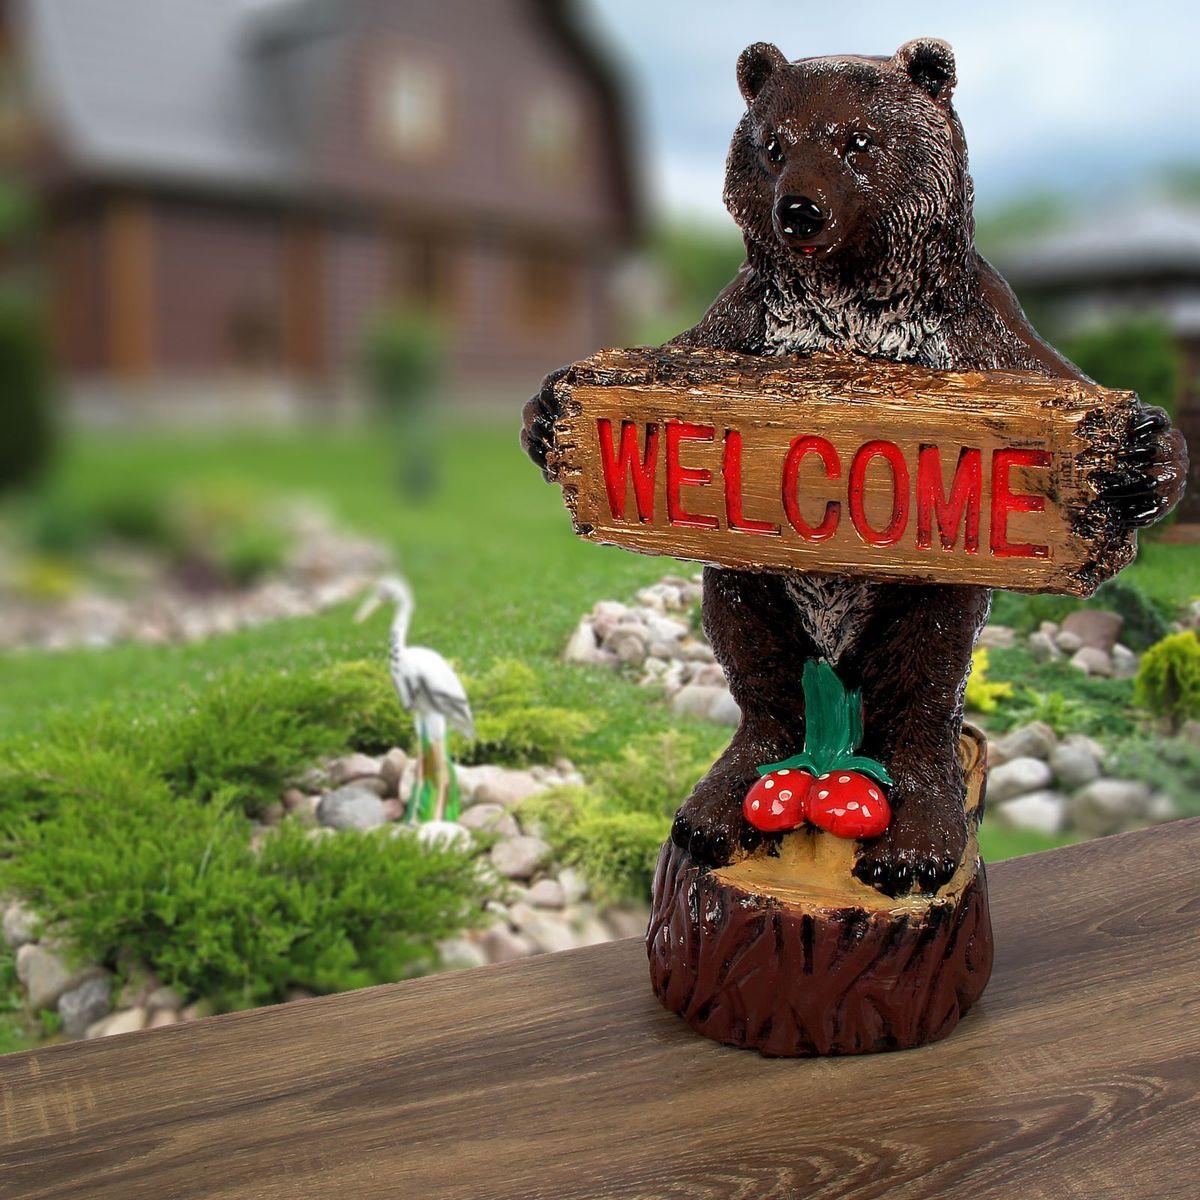 Фигура садовая Premium Gips Медведь с табличкой, 24 х 32 х 52 см2341778Летом практически каждая семья стремится проводить больше времени за городом. Прекрасный выбор для комфортного отдыха и эффективного труда на даче, который будет радовать вас достойным качеством.